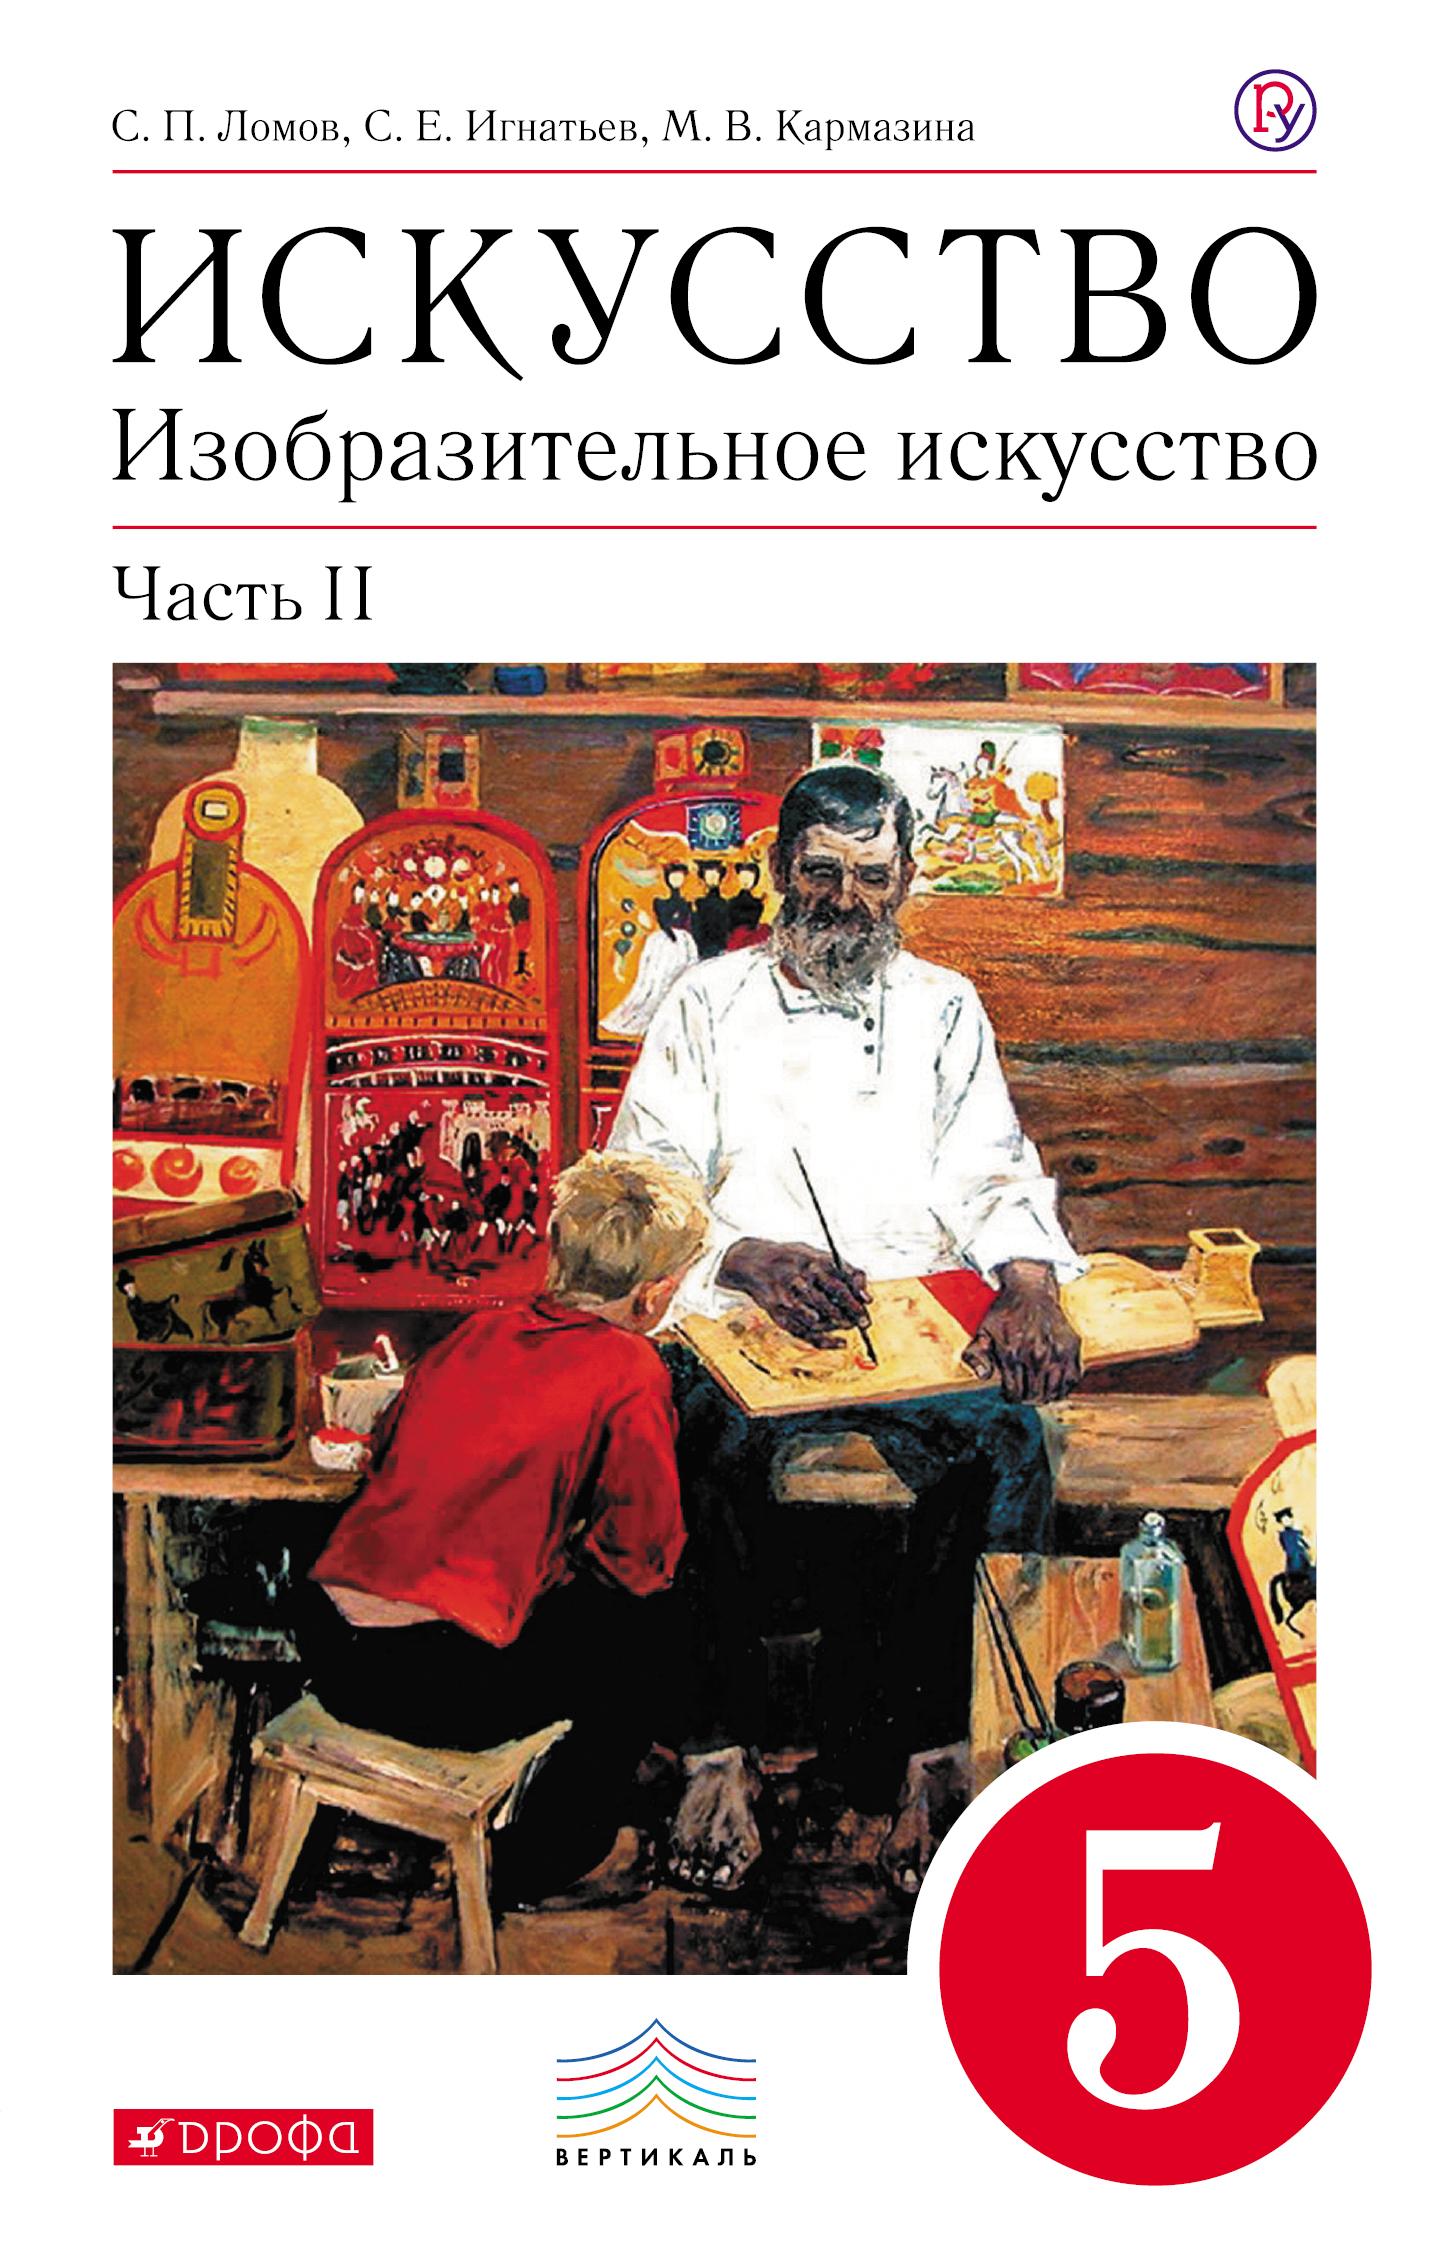 Изобразительное искусство. 5 класс. Учебник. Часть 2. ( Ломов С.П., Игнатьев С.Е., Кармазина М.В.  )